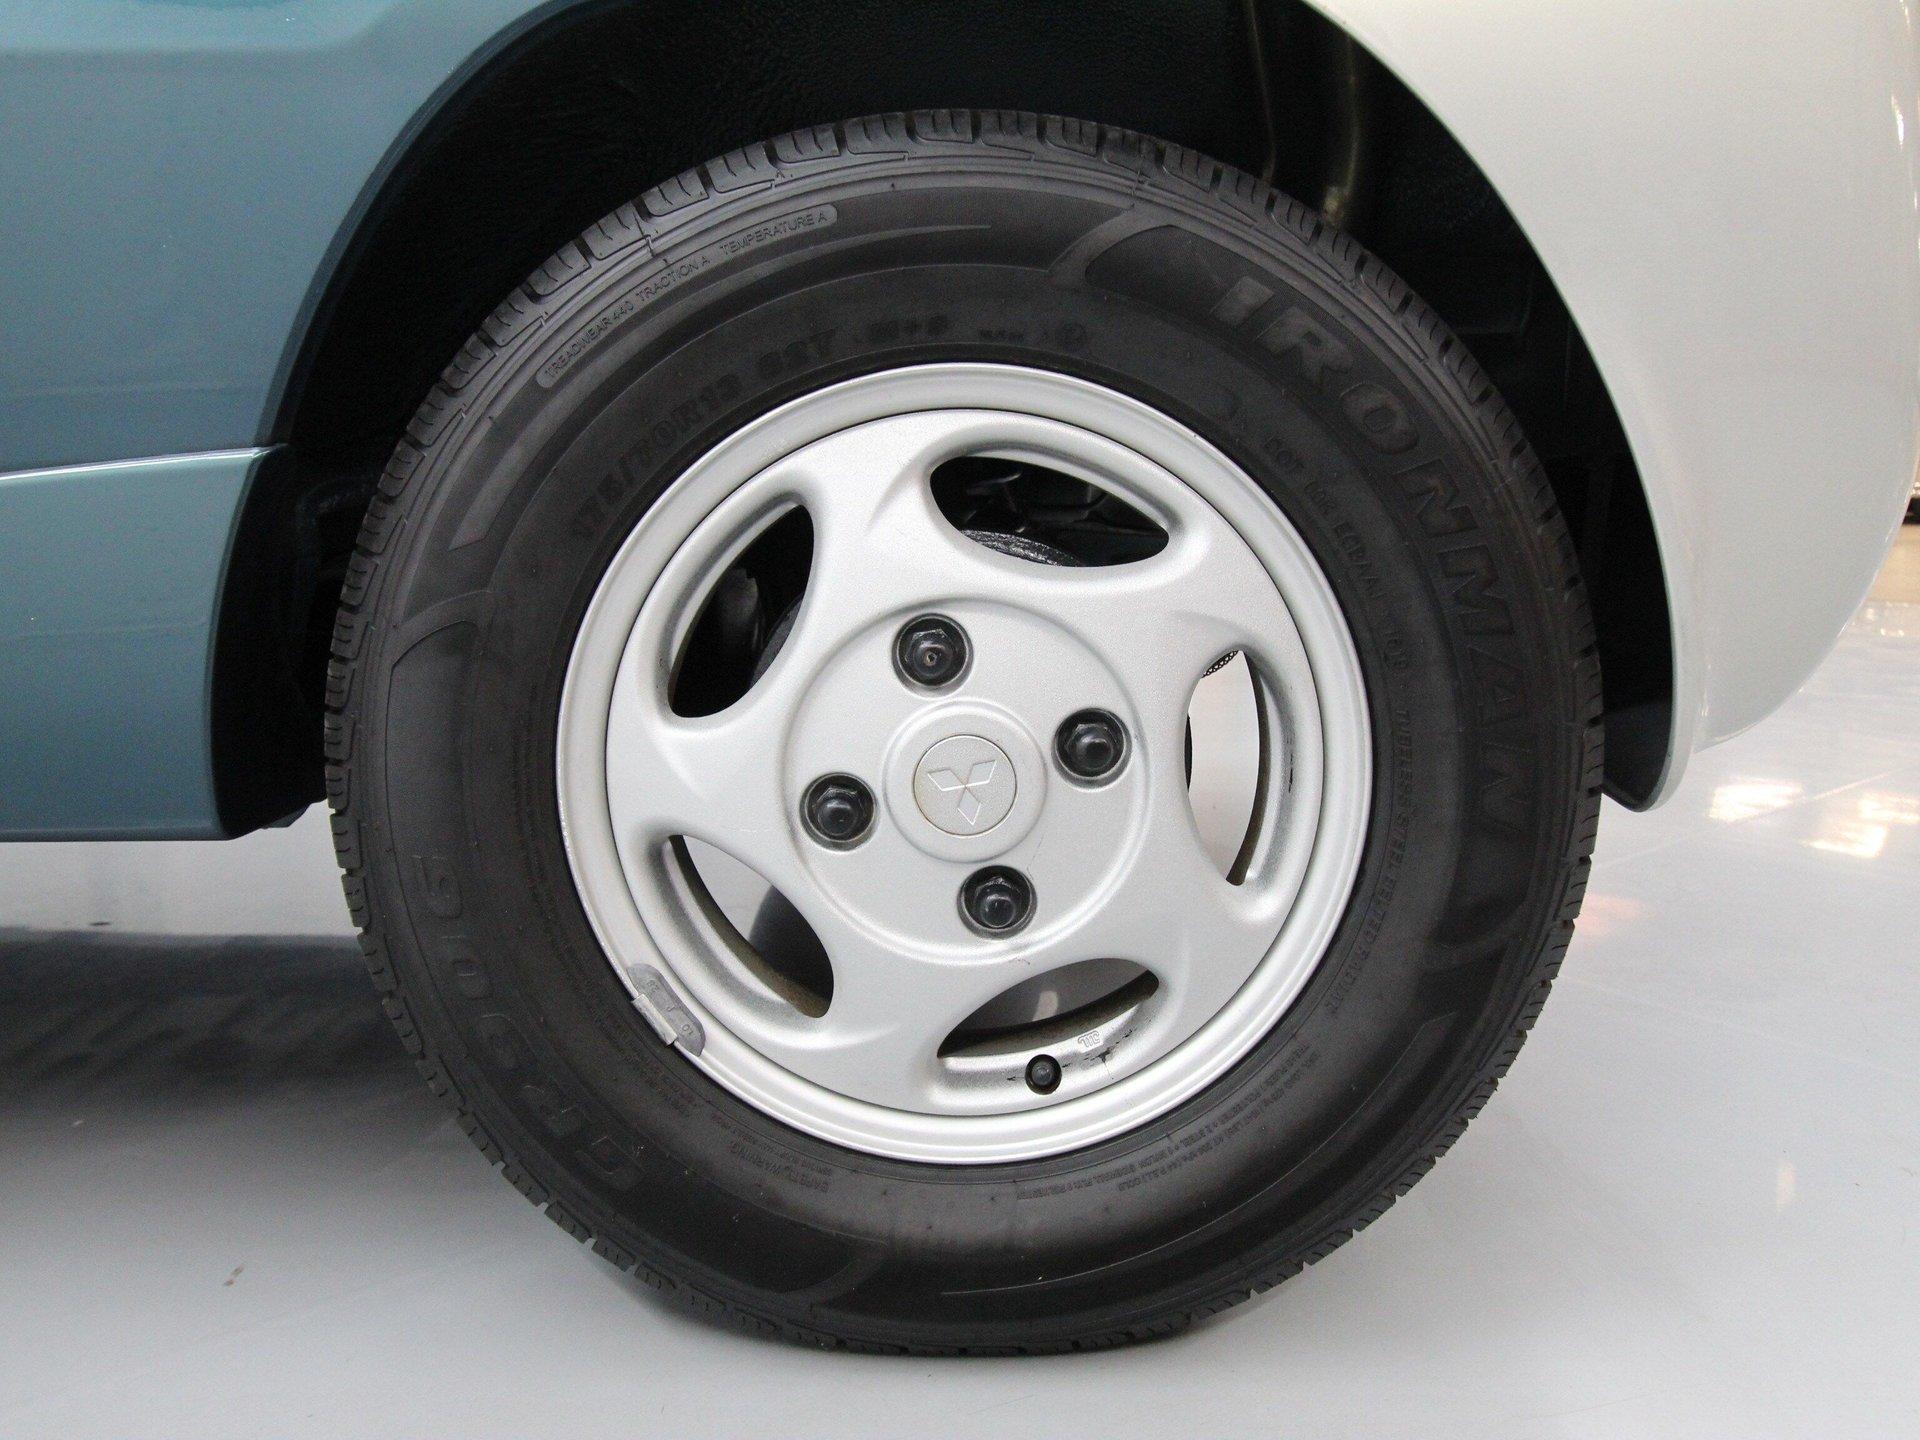 1994 Mitsubishi Minica